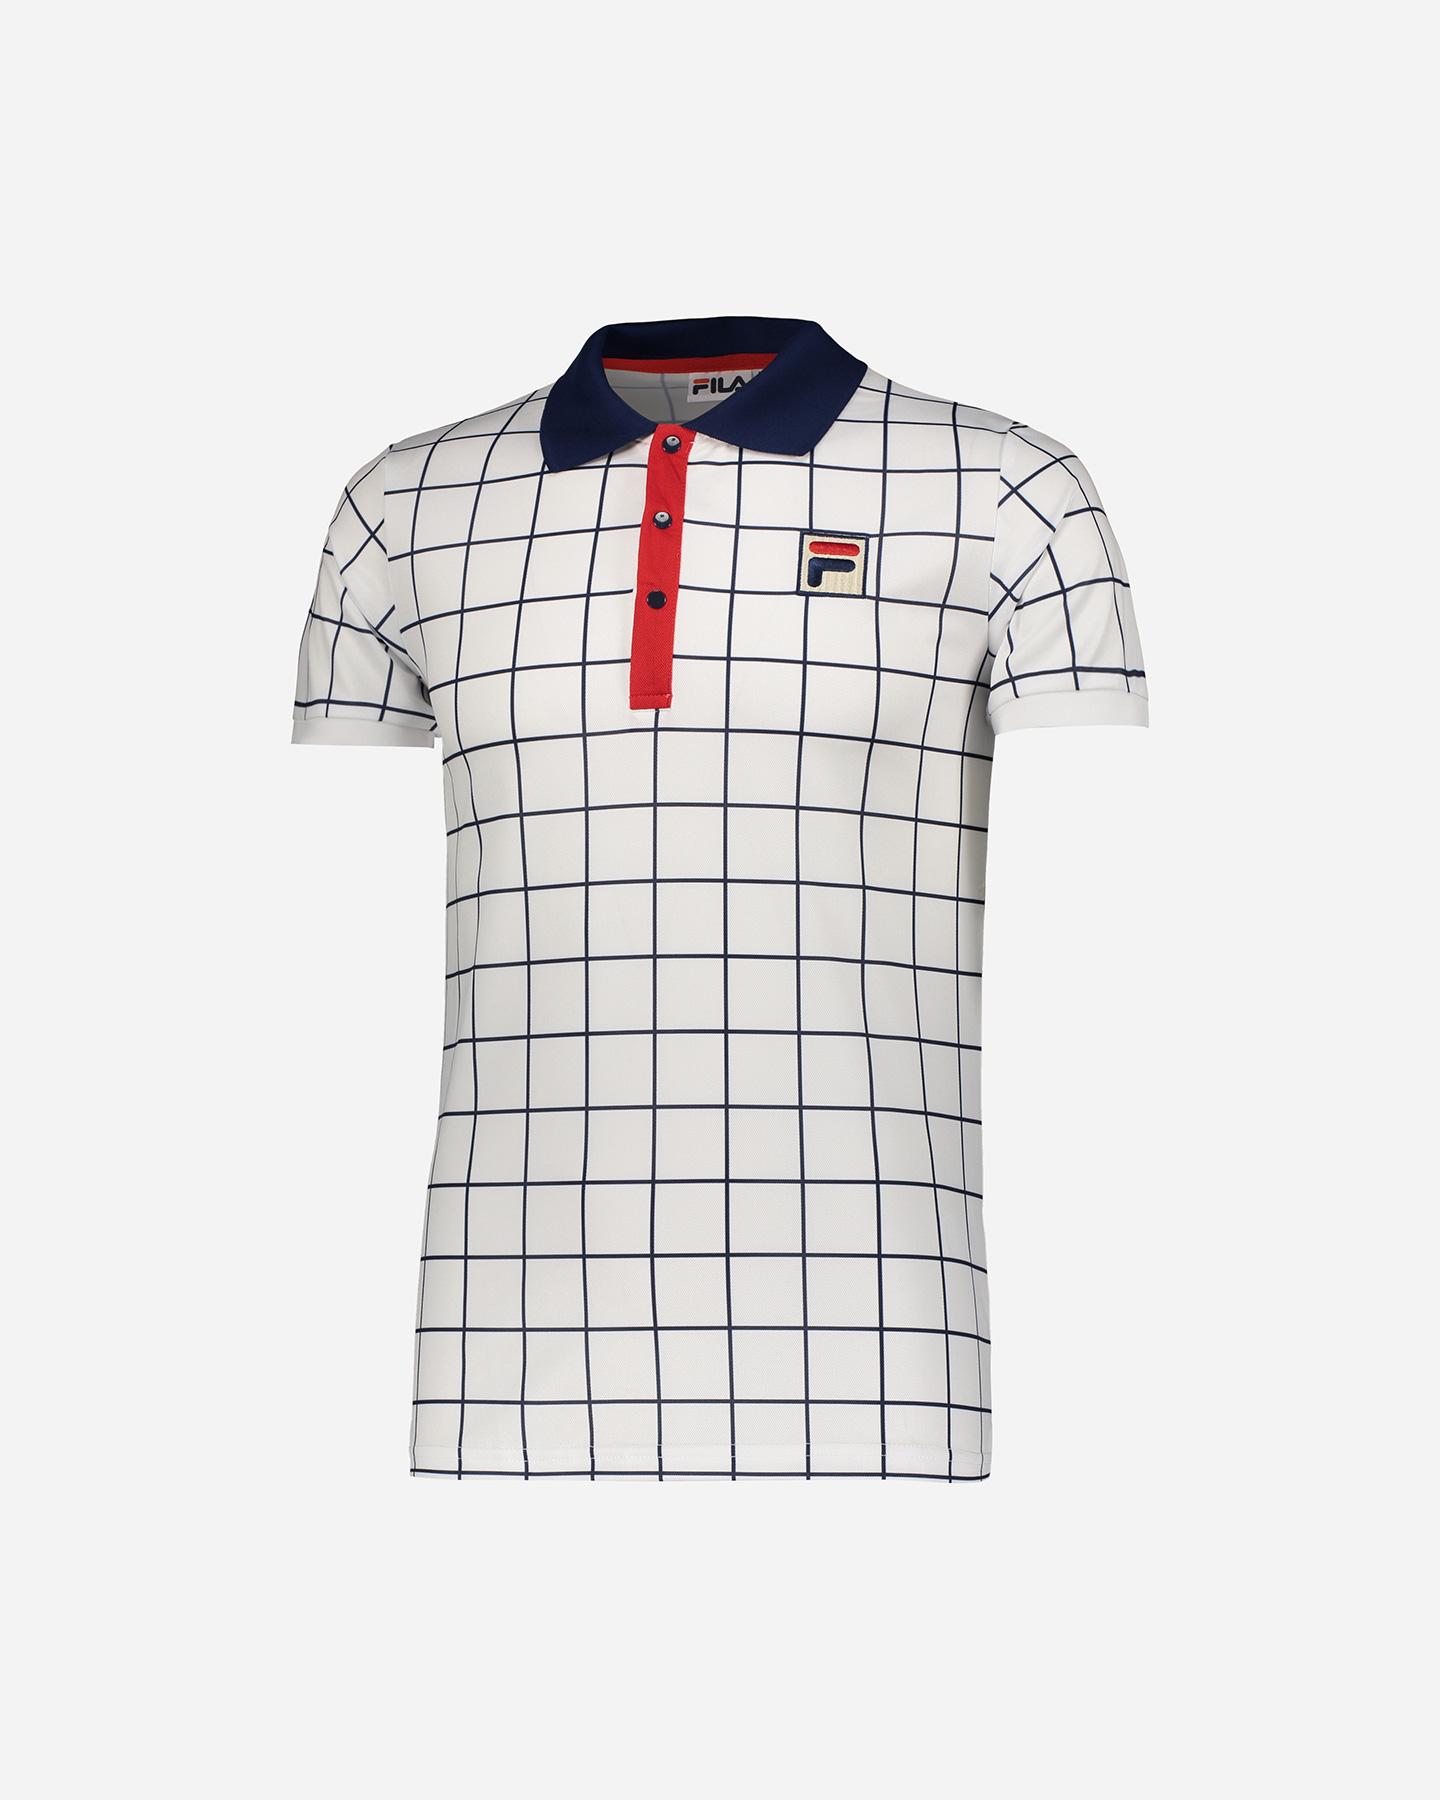 Fila Tennis Polo Shirt | RLDM